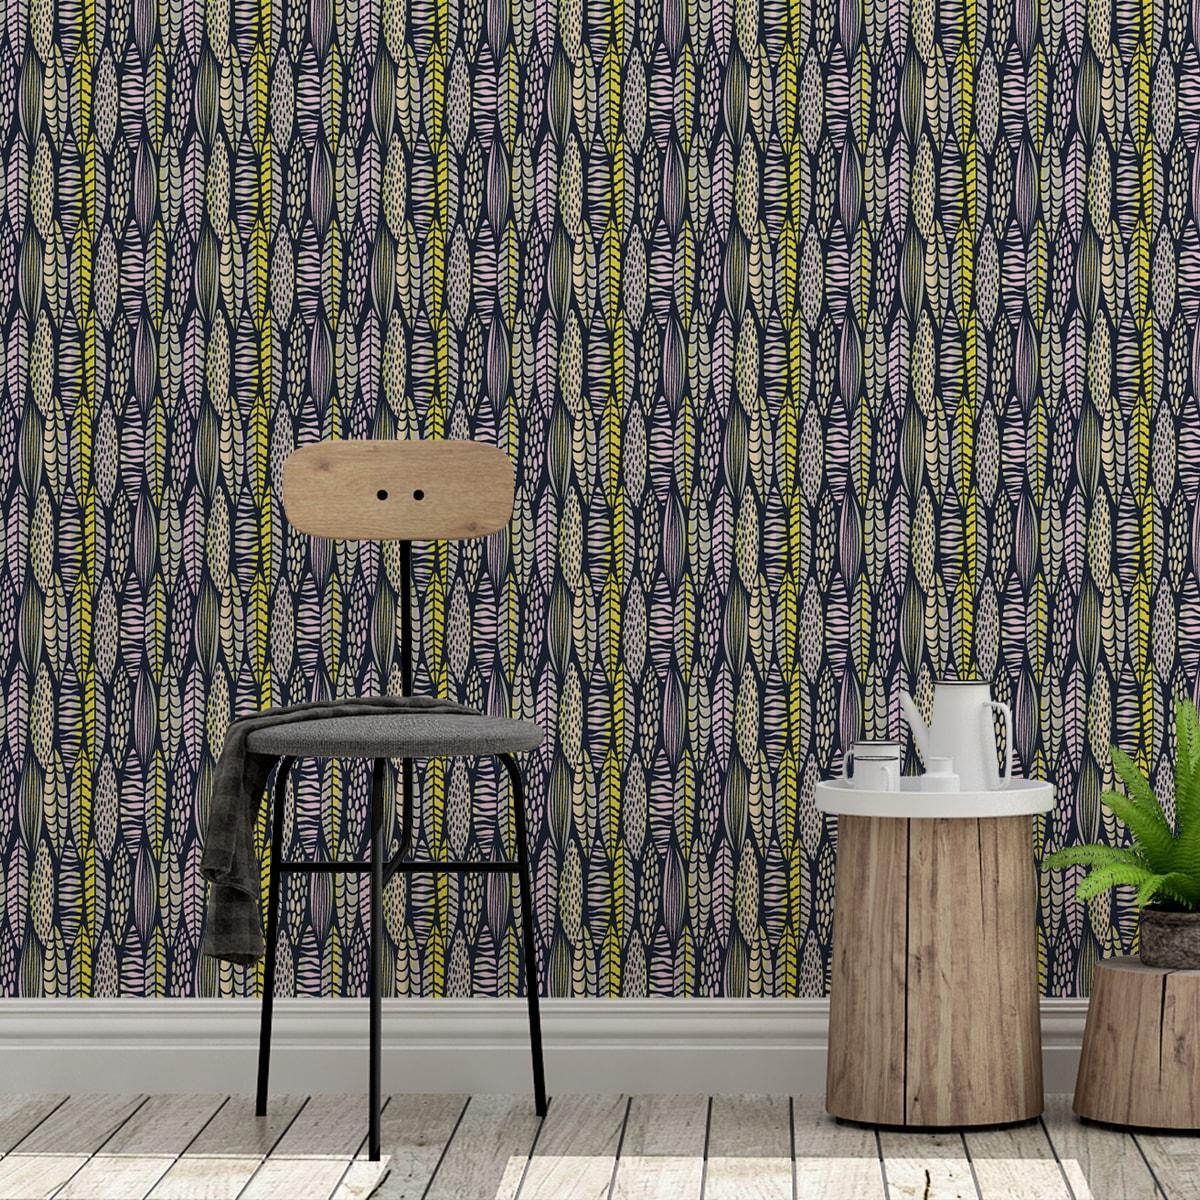 Full Size of Tapeten Modern Florale Tapete Streifen Bltter Grafisch In Dunkelblau Moderne Deckenleuchte Wohnzimmer Deckenlampen Bilder Küche Holz Bett Design Wohnzimmer Tapeten Modern